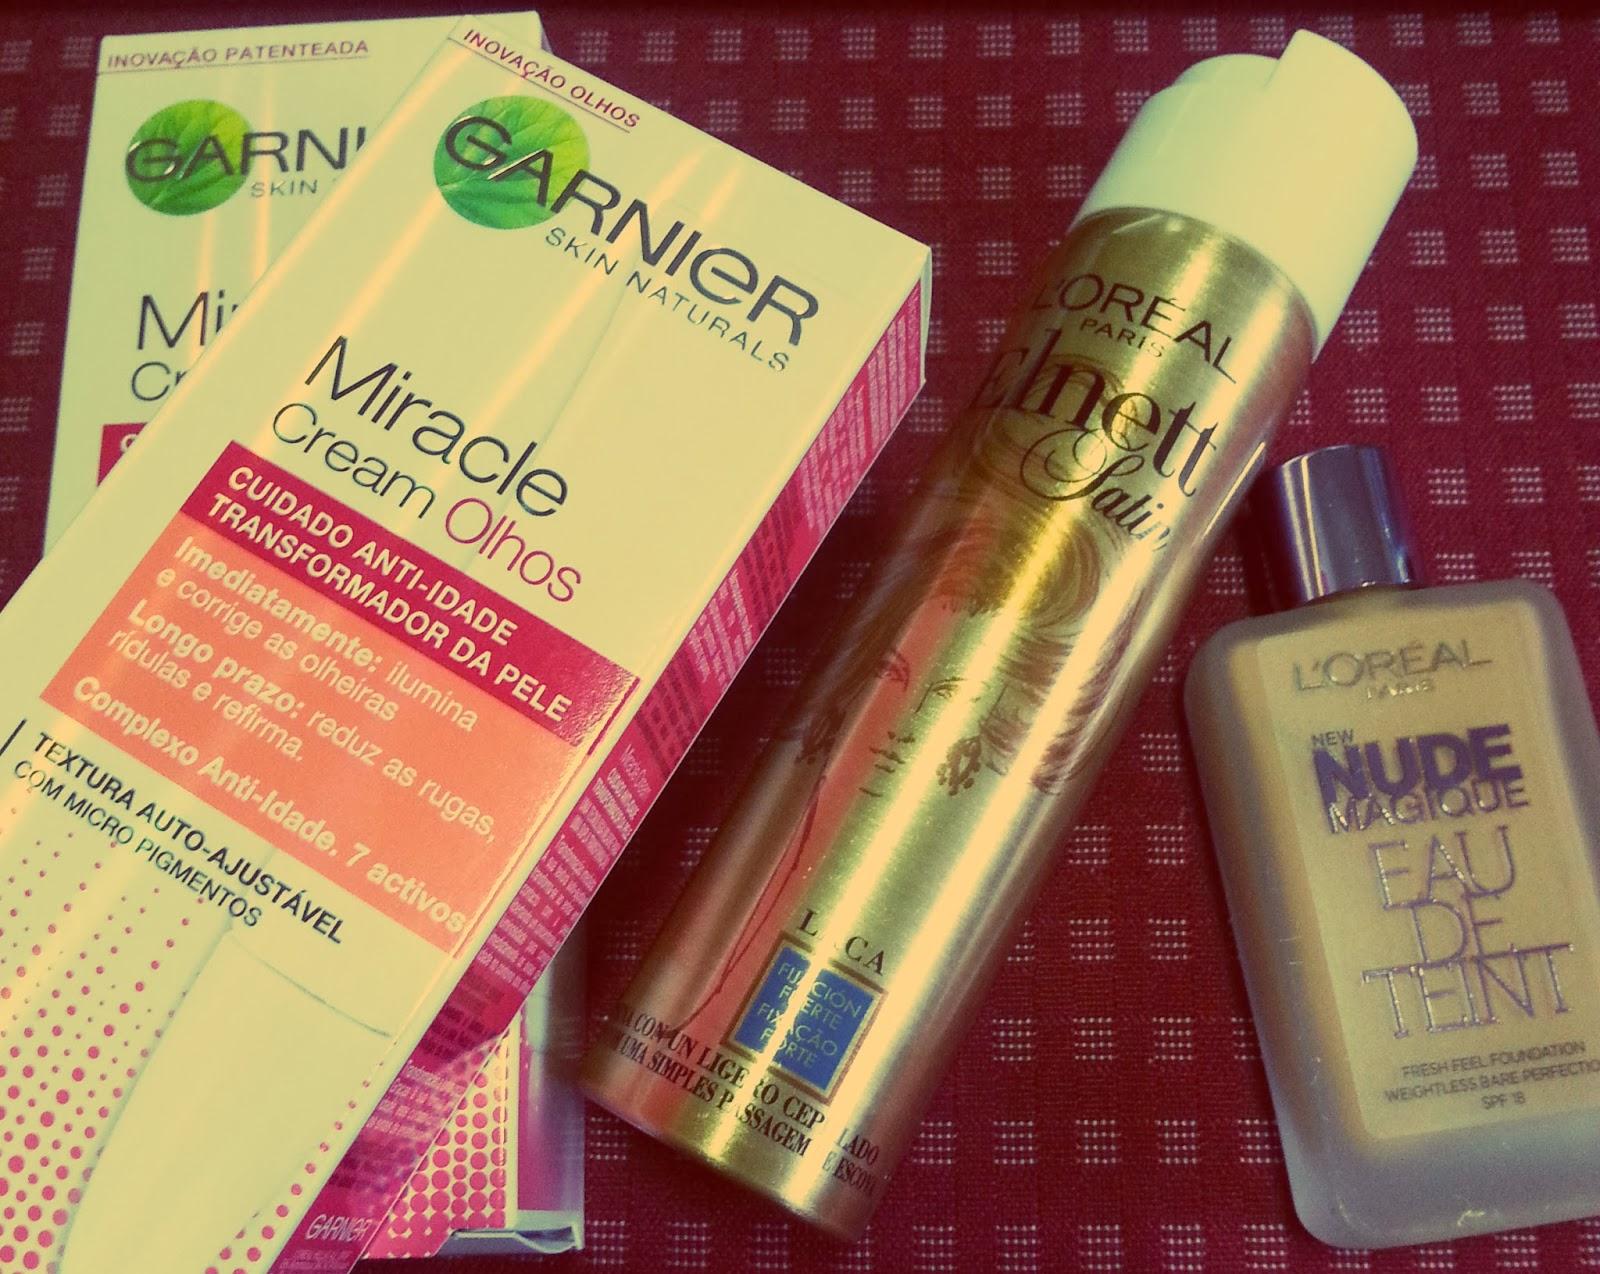 Garnier Miracle Cream | Elnett Satin | Loreal Eau de Teint